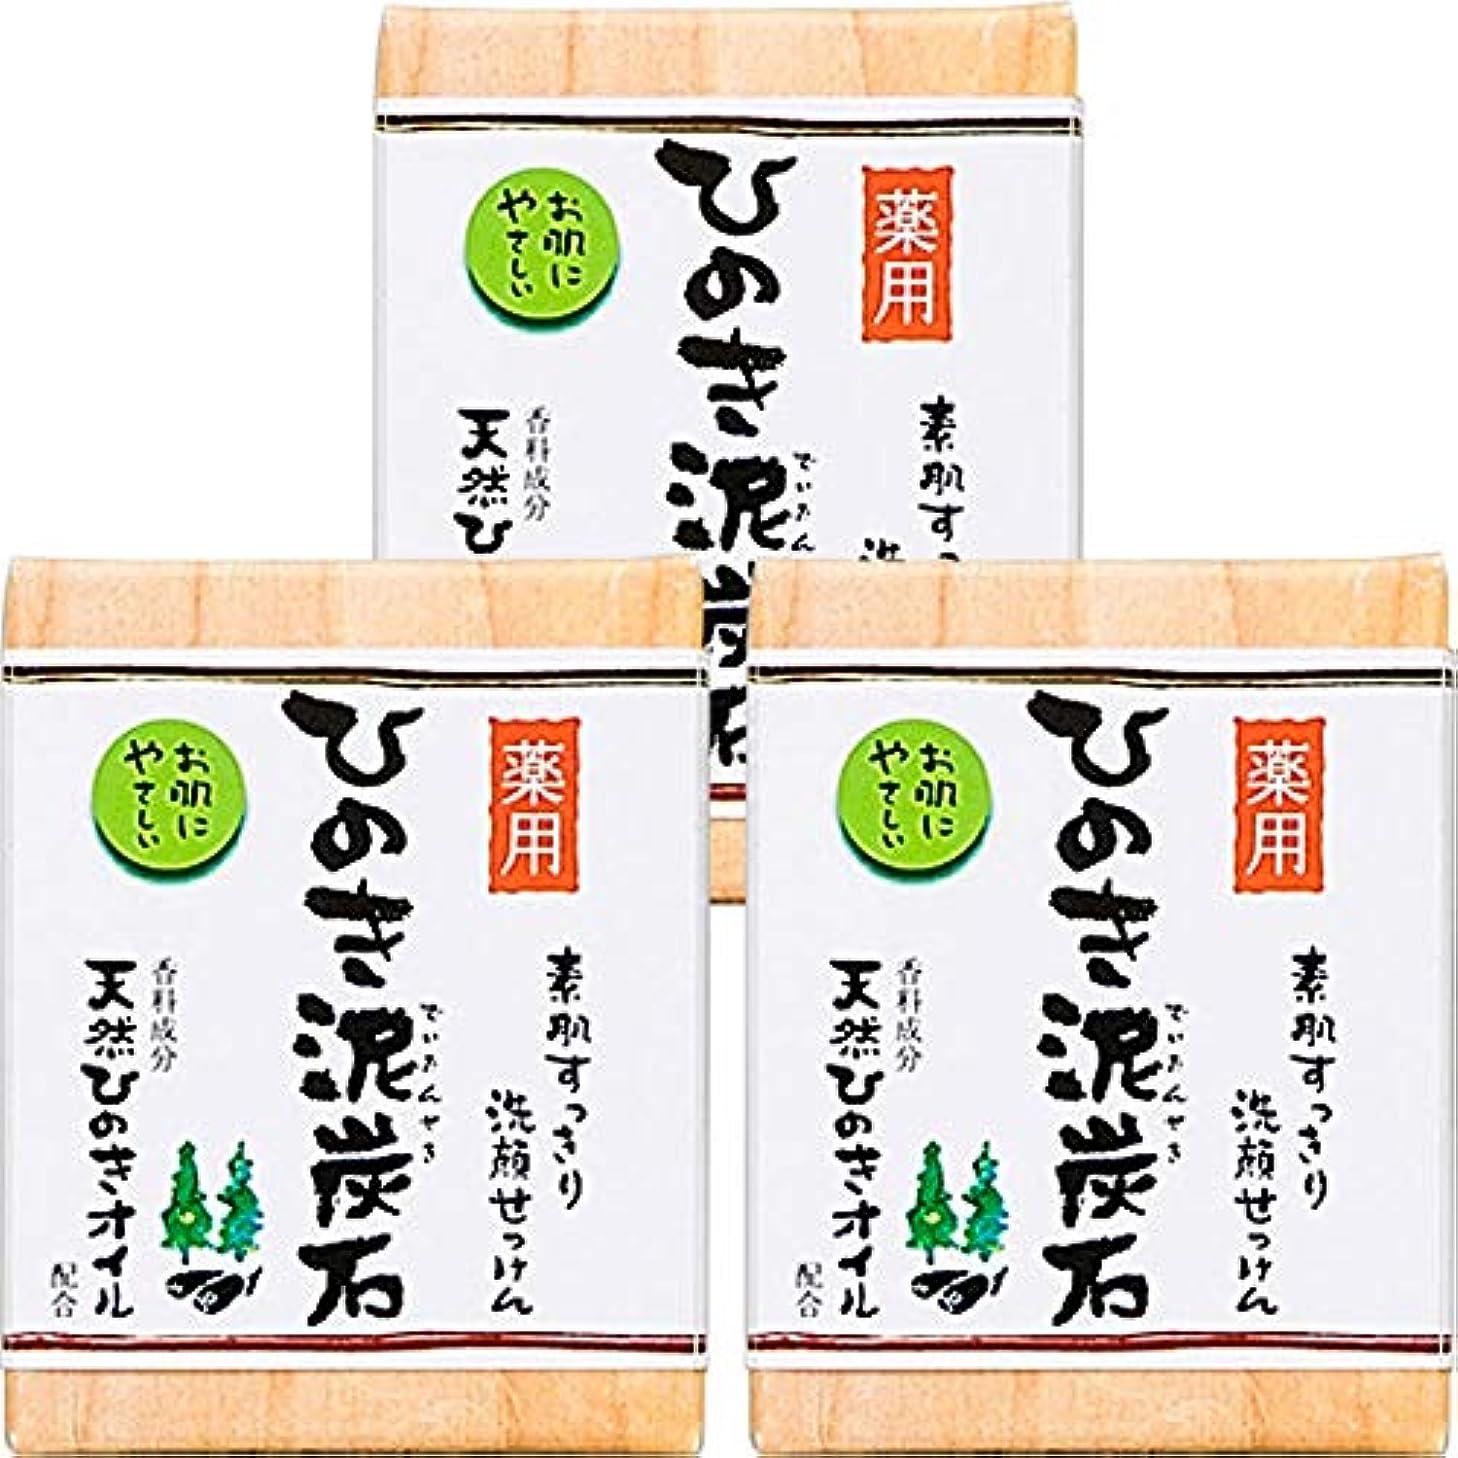 後世シーフードくるくる薬用 ひのき泥炭石 (75g×3個) 洗顔 石けん [天然ひのきオイル配合] 肌荒れ防止